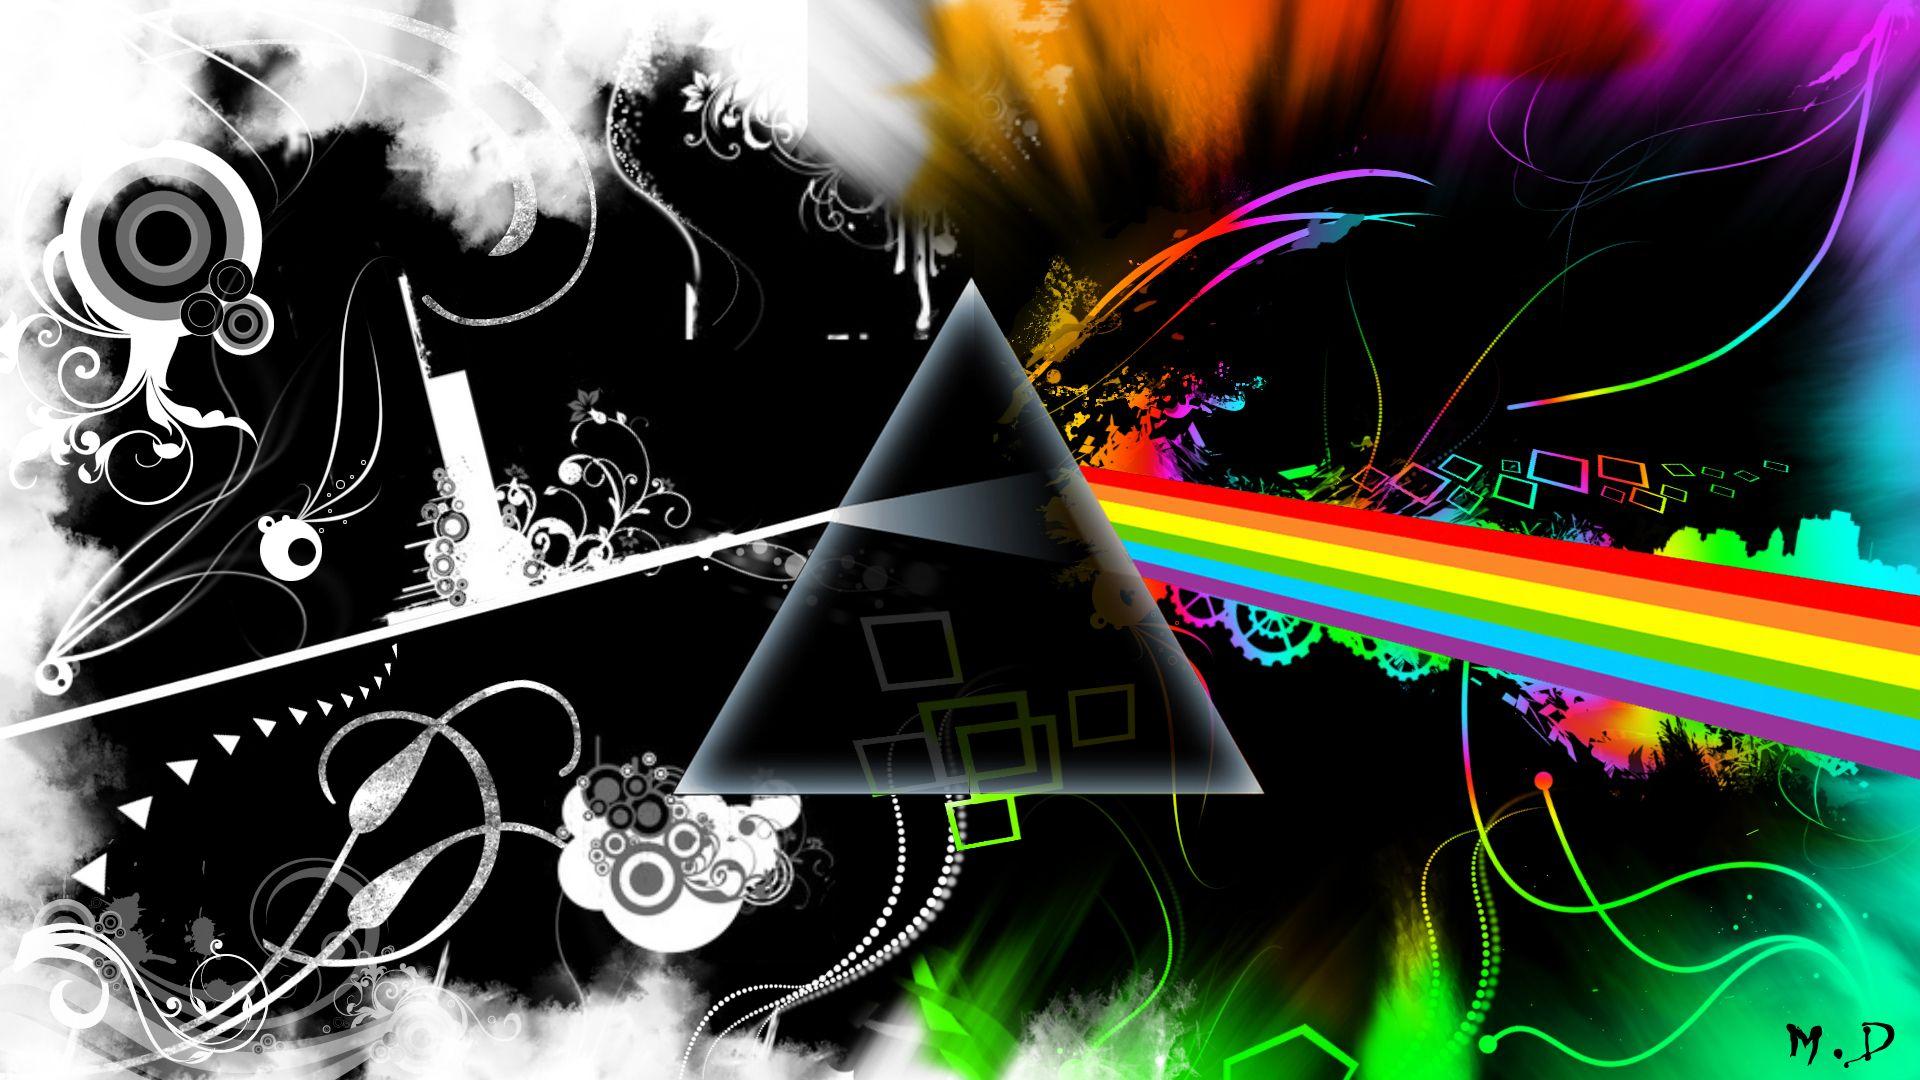 Pink Floyd Dark Side Of The Moon Wallpaper Pink Floyd Wallpaper Pink Floyd Art Pink Floyd Dark Side